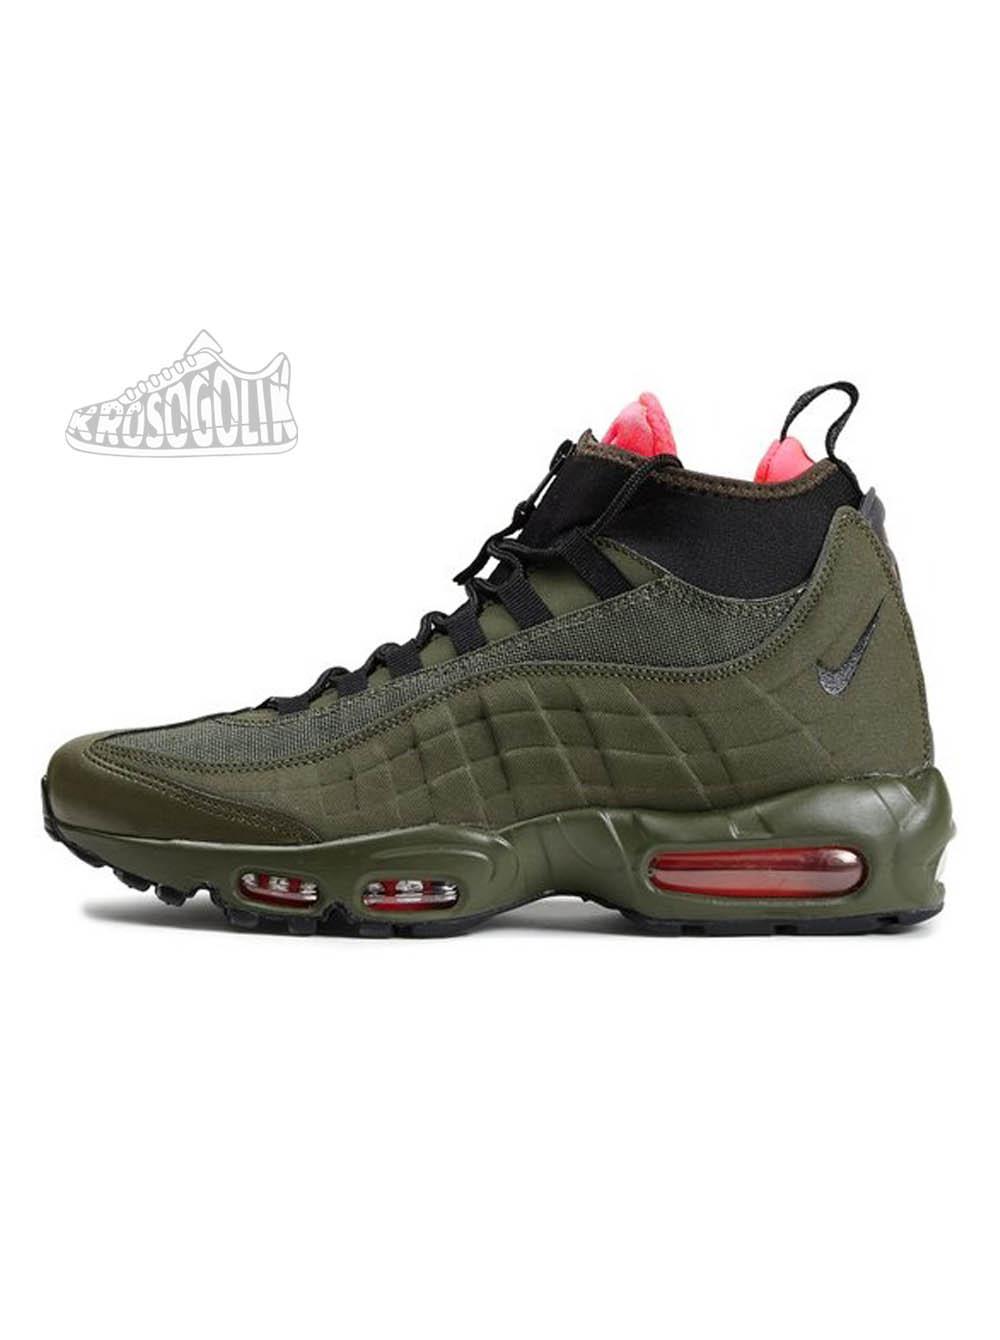 Una oración atención Confirmación  Купить мужские кроссовки Nike Air Max 95 Sneakerboot Dark Loden на  krosogolik.com